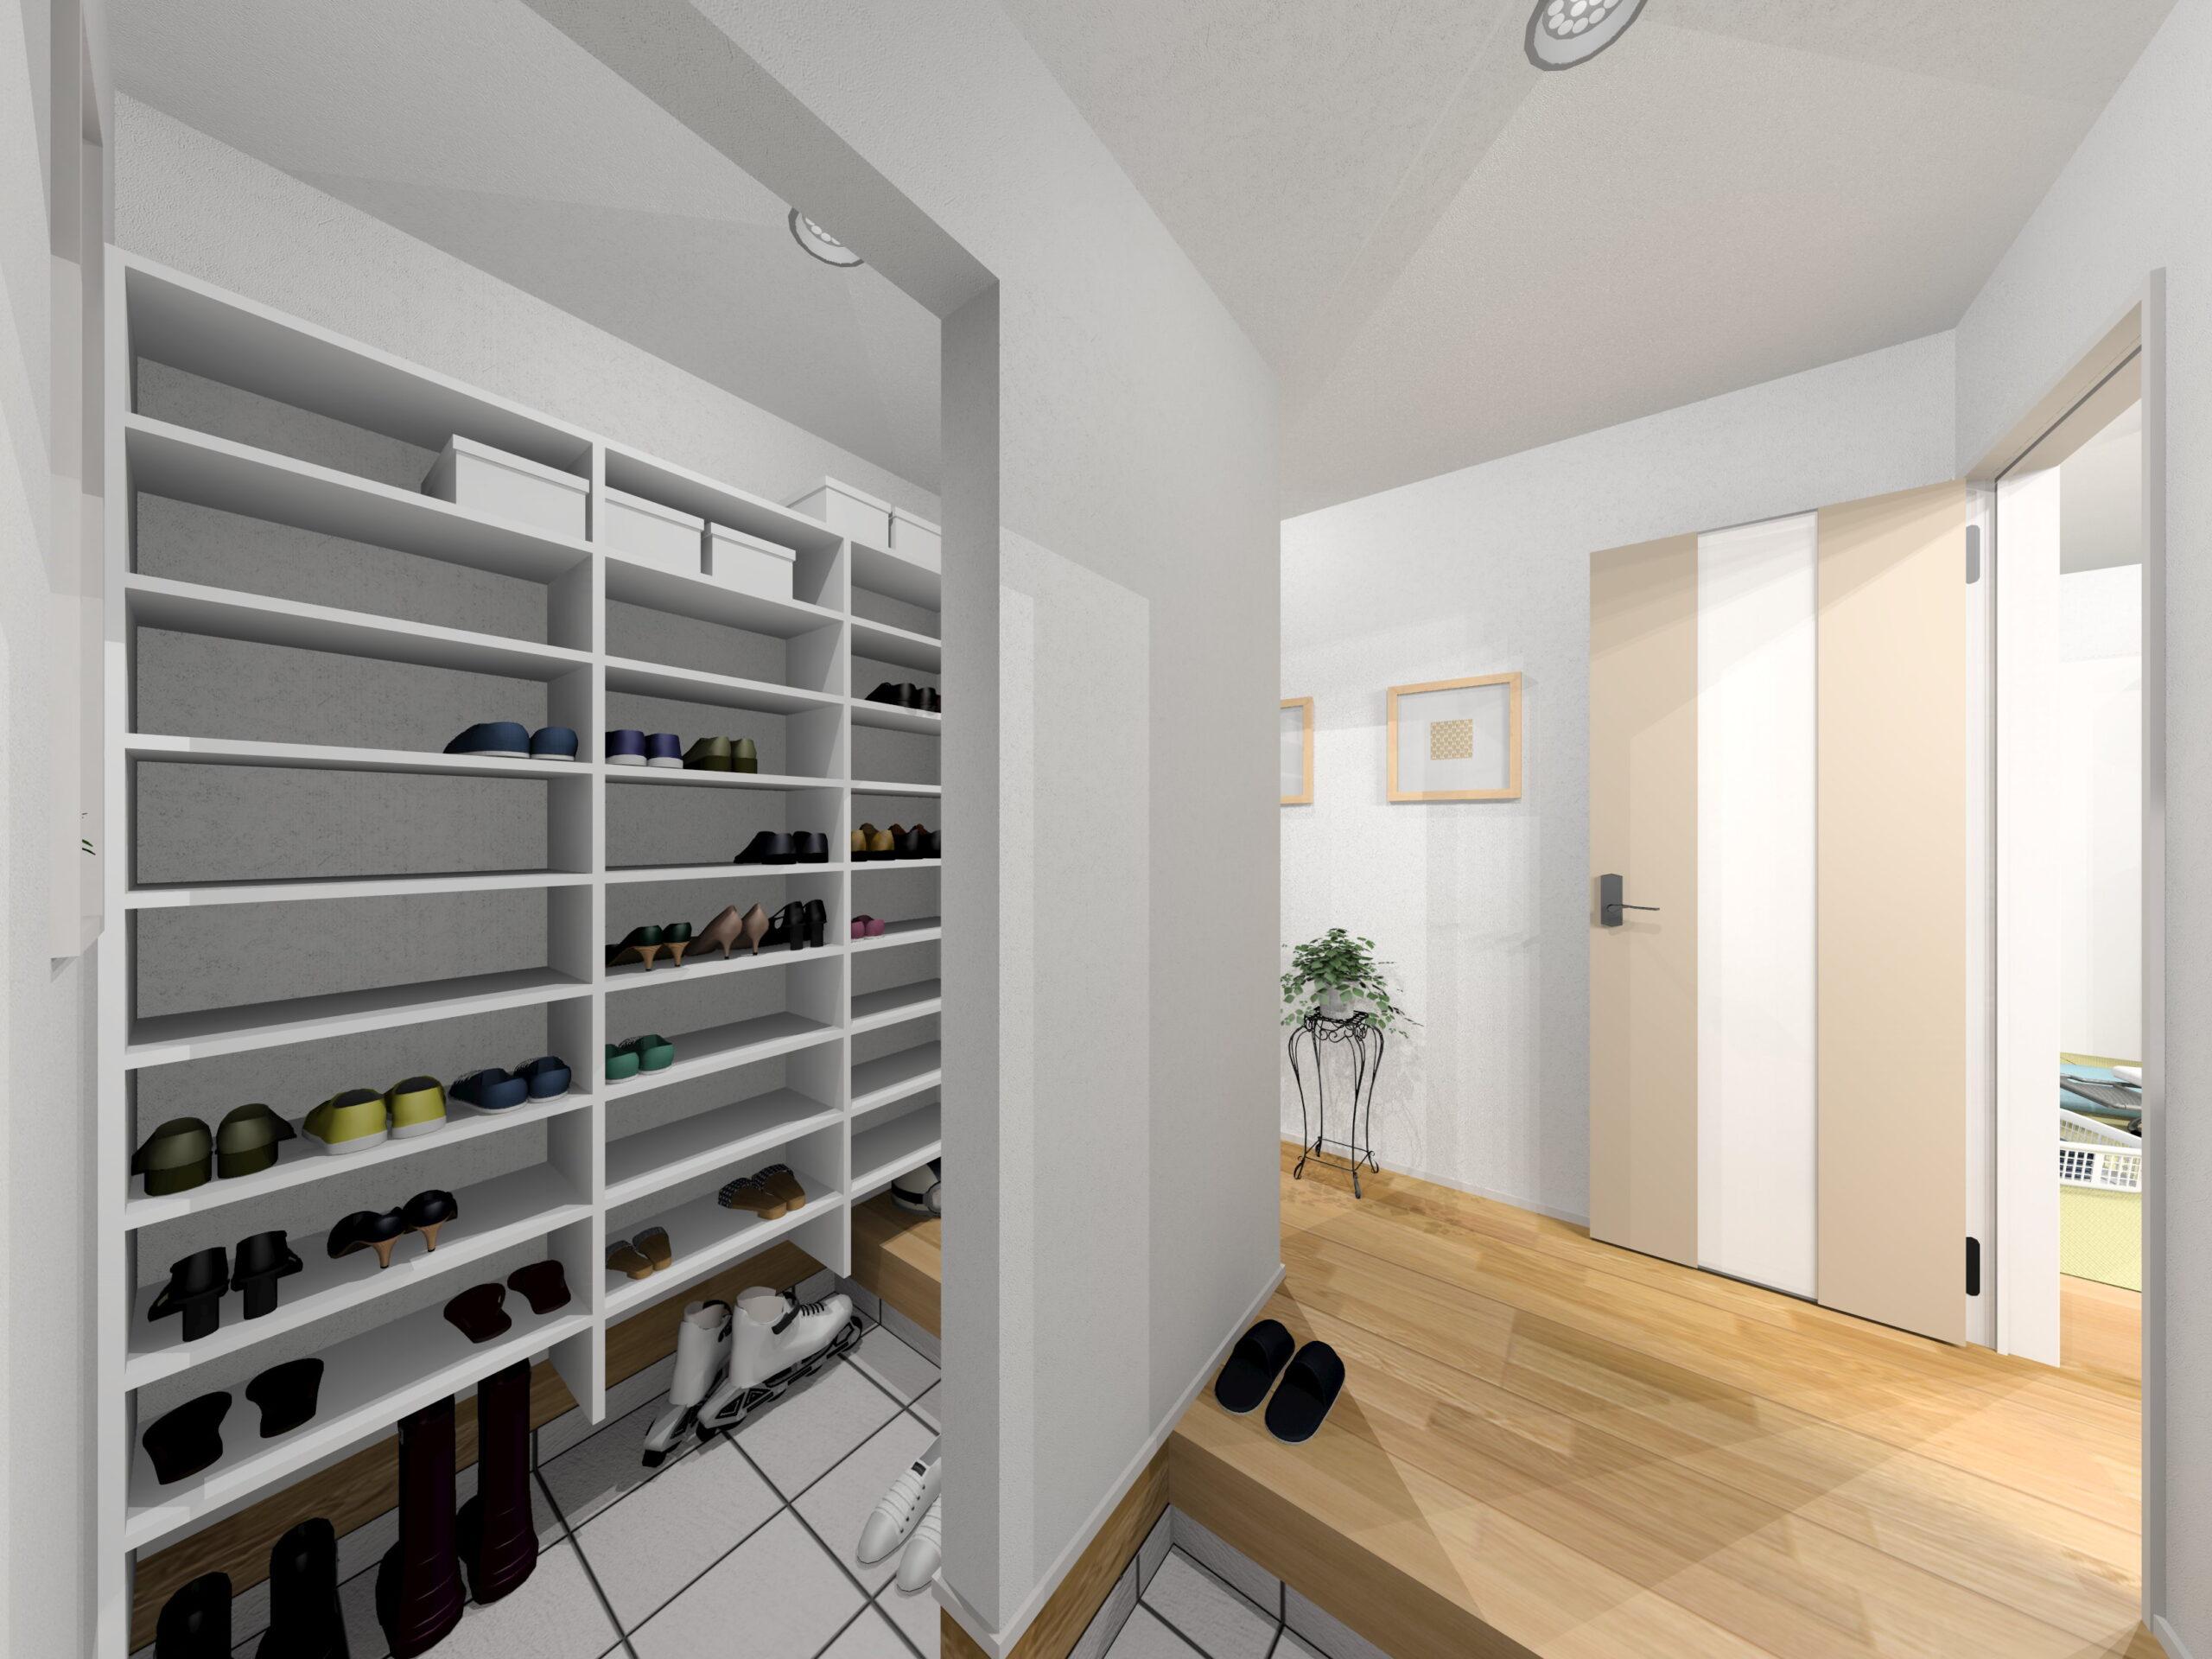 嬉野市新築建売住宅「OURS下宿」4号地シューズクロークパース